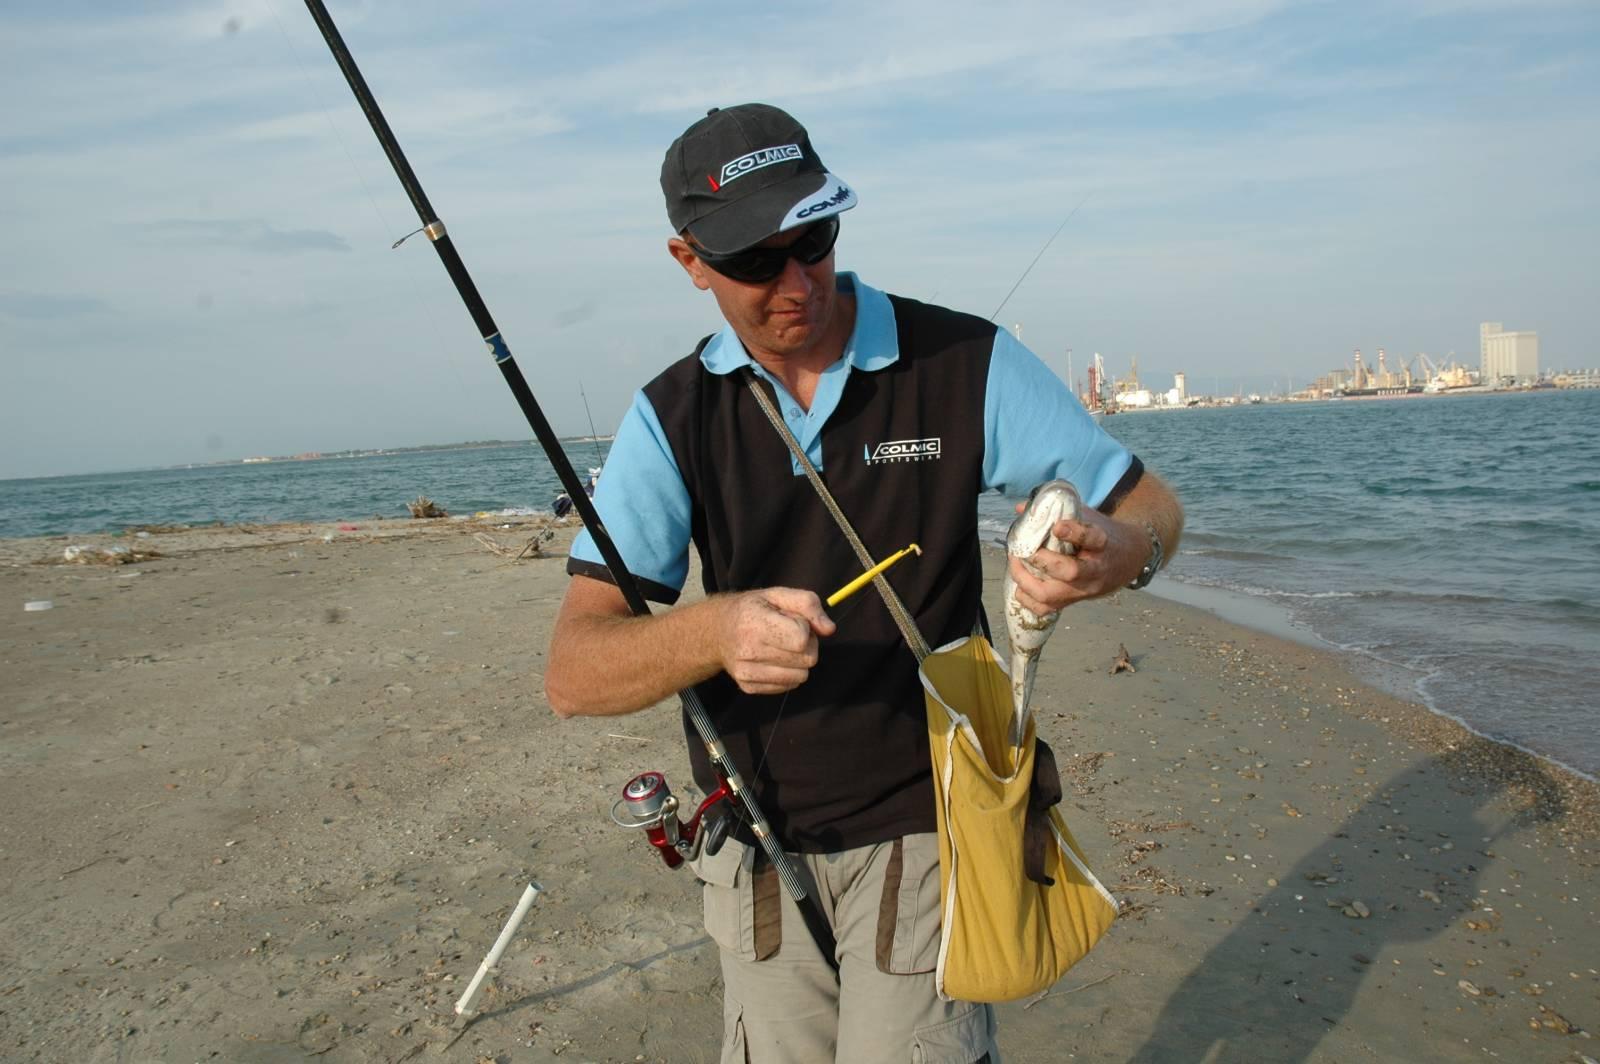 Una spigola catturata con il bigattino. Sullo sfondo possiamo intravedere il colore del mare leggermente torbido